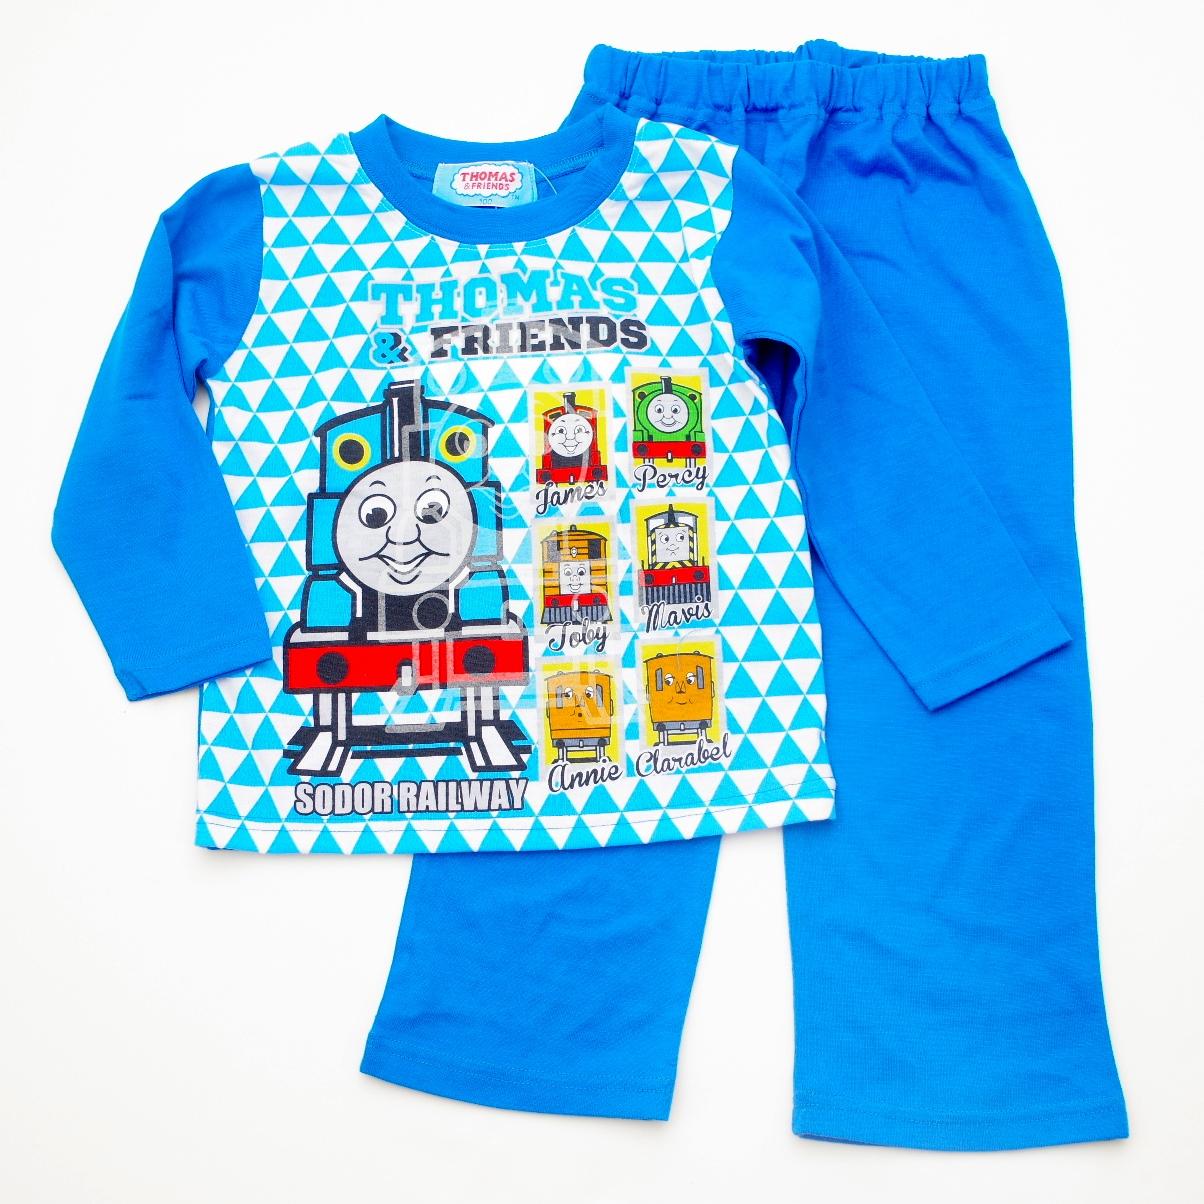 きかんしゃトーマス 光る Tシャツ生地 長袖パジャマ 蓄光 100〜120cm(831TM108112)